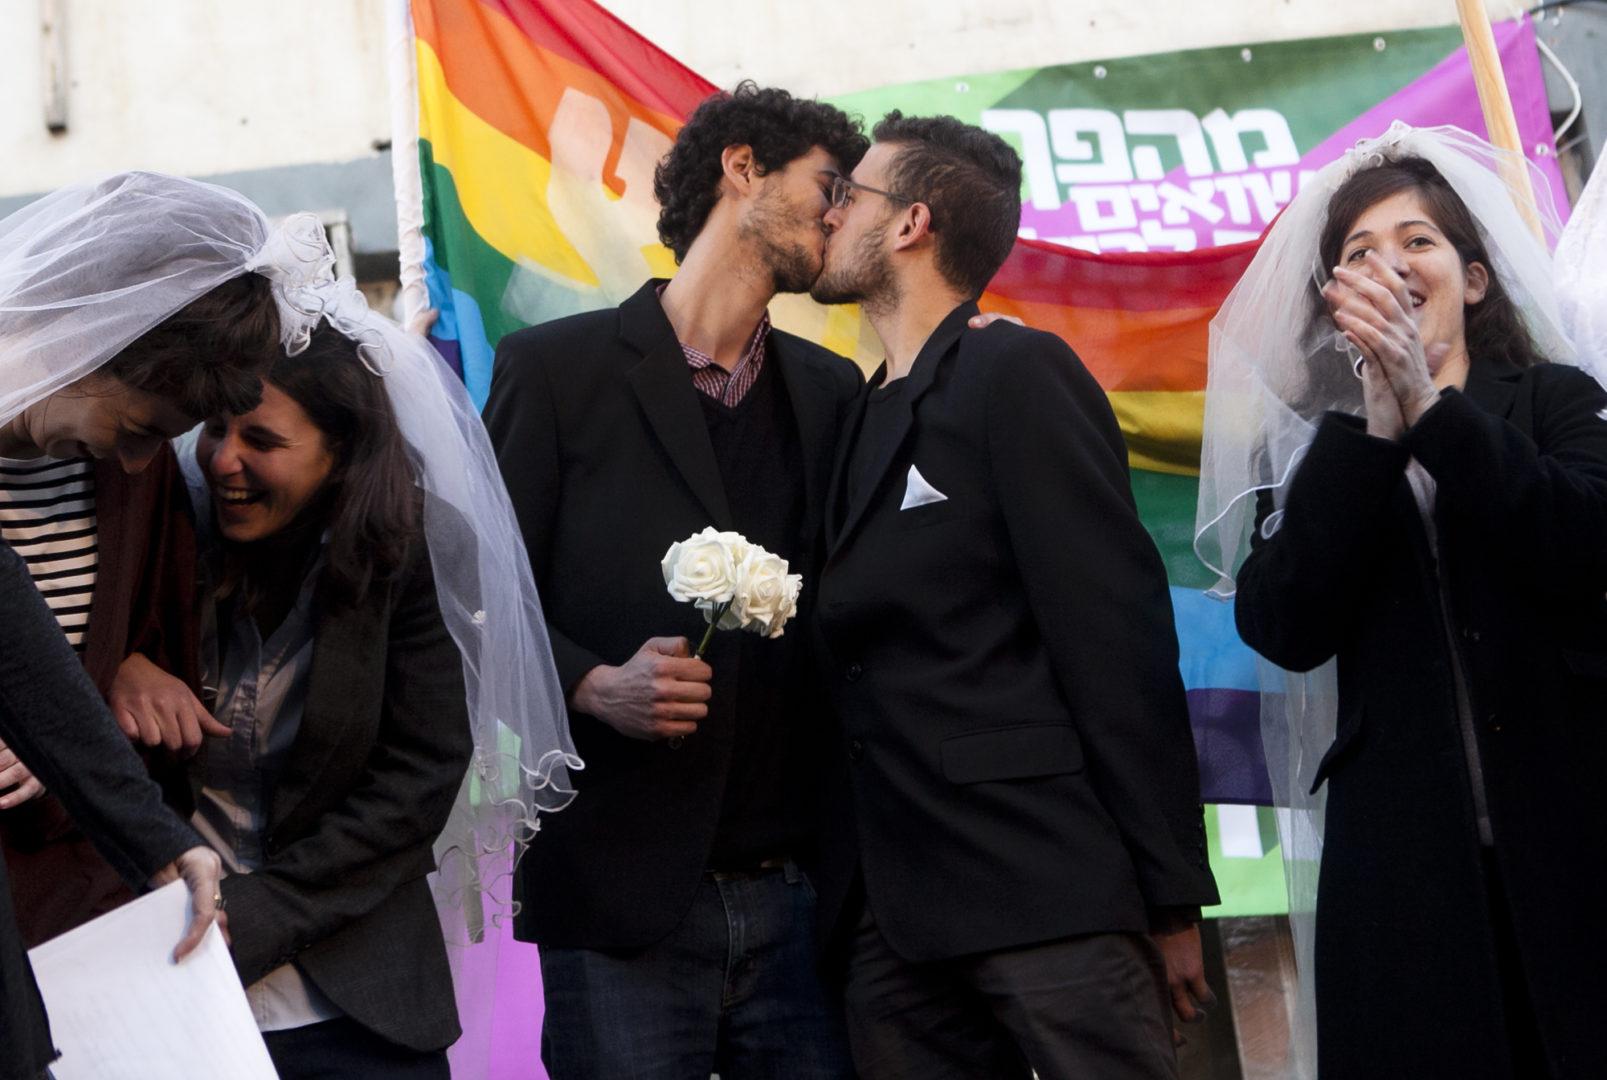 Rabbis Join Gay Marriage Debate In Us